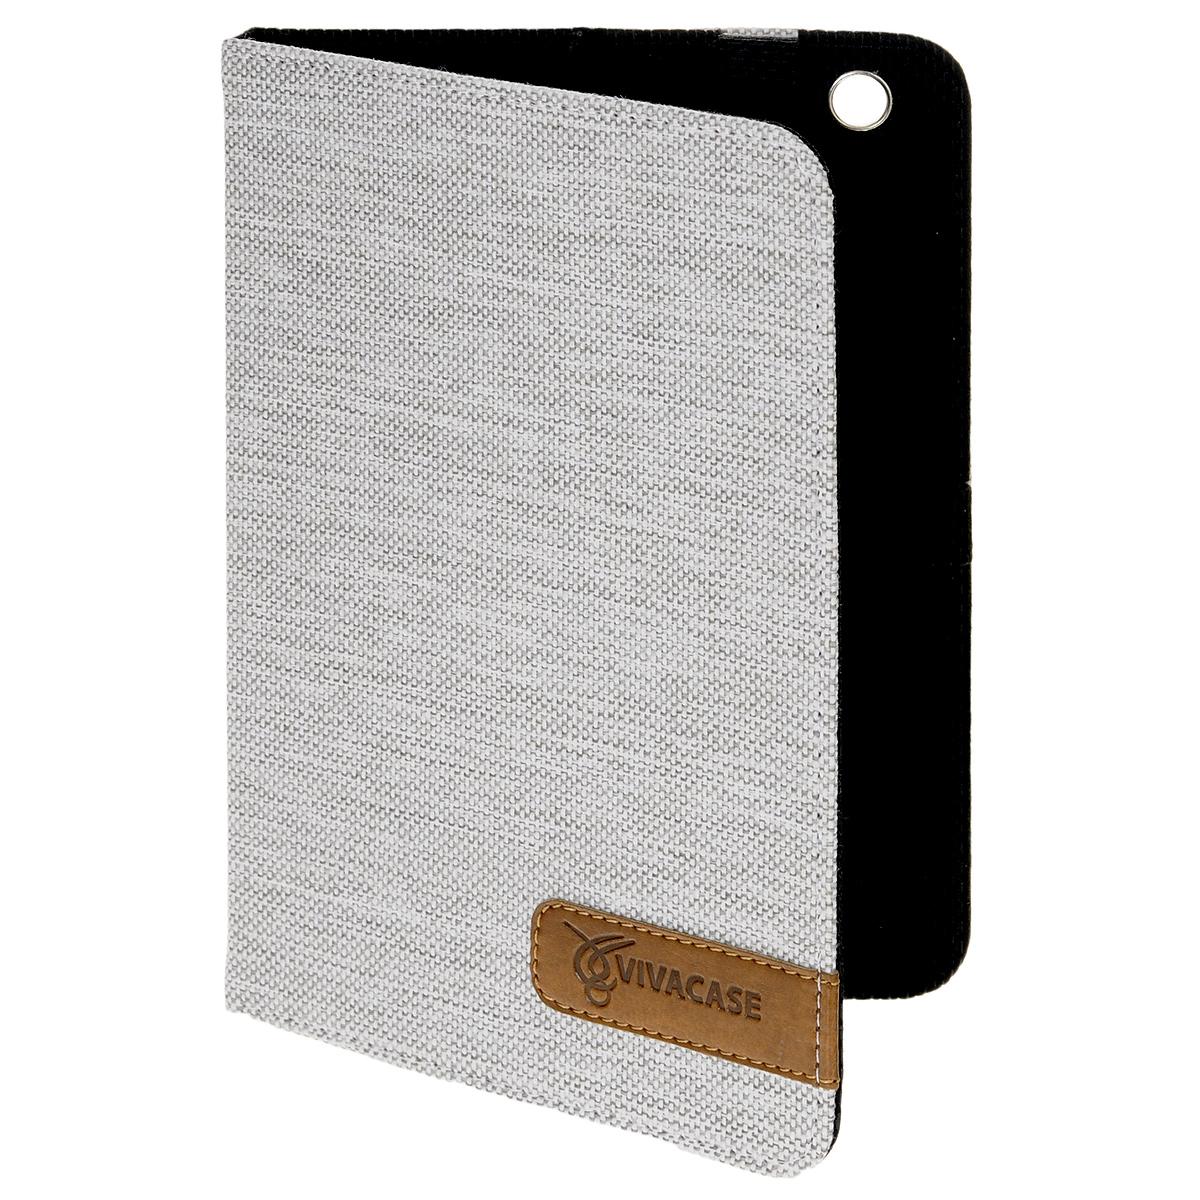 Vivacase Jacquard текстильный чехол-обложка для iPad mini, White (VAP-AMJ001-w)VAP-AMJ001-Текстильный чехол для iPad mini из изготовлен из ткани стильной расцветки и не только защищает планшет от царапин и повреждений, но и служит элементом, дополняющим стиль его владельца.Внутри чехла, отделанного мягкой подкладкой, iPad mini плотно крепится при помощи магнитных уголков, которые не только фиксируют планшет, но и удерживают крышку закрытой. Задняя сторона обложки имеет центральный сгиб, с помощью которого чехол можно использовать как подставку для комфортного чтения или просмотра видео.Установить планшет можно под двумя углами, уперев его в один из плотных ярлычков на передней части обложки.Все кнопки и разъемы планшета остаются открытыми, доступ к экрану ничем не ограничен. Вам не придется вынимать планшет из чехла даже для того, чтобы сделать снимок основной камерой – специально для нее в обложке проделано аккуратное отверстие.